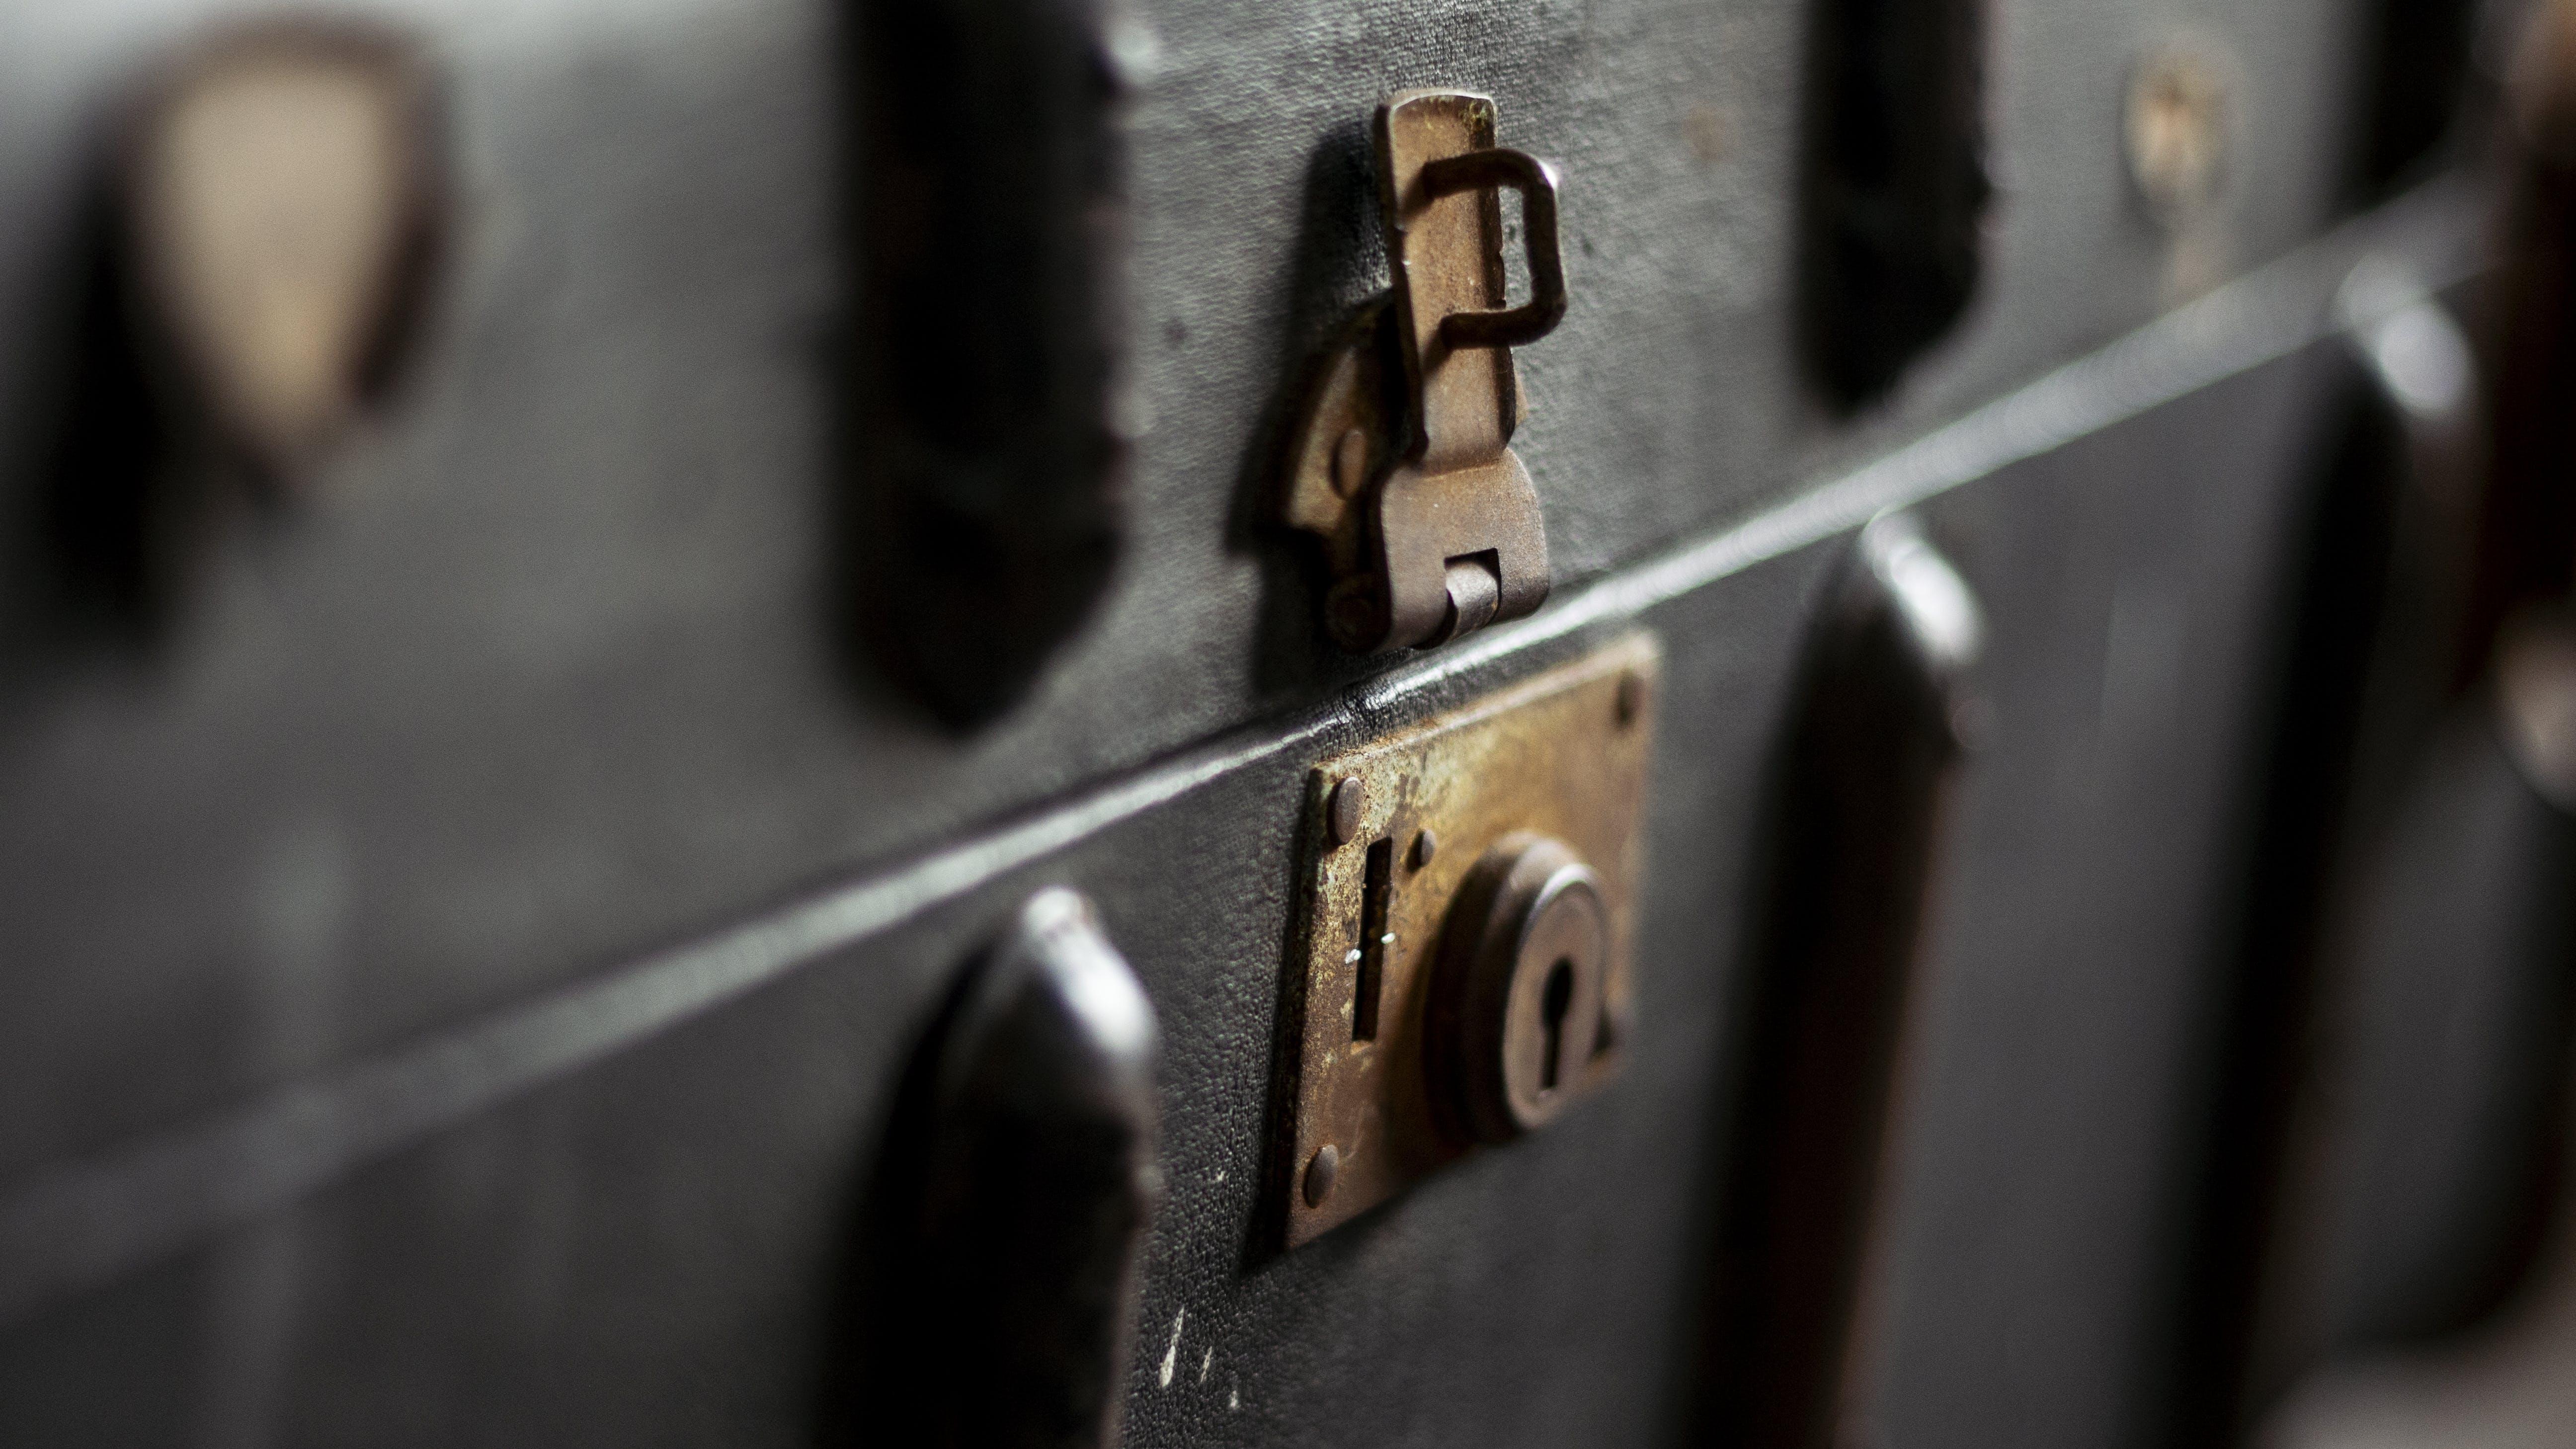 Free stock photo of 1960's, history, key and lock, keyhole